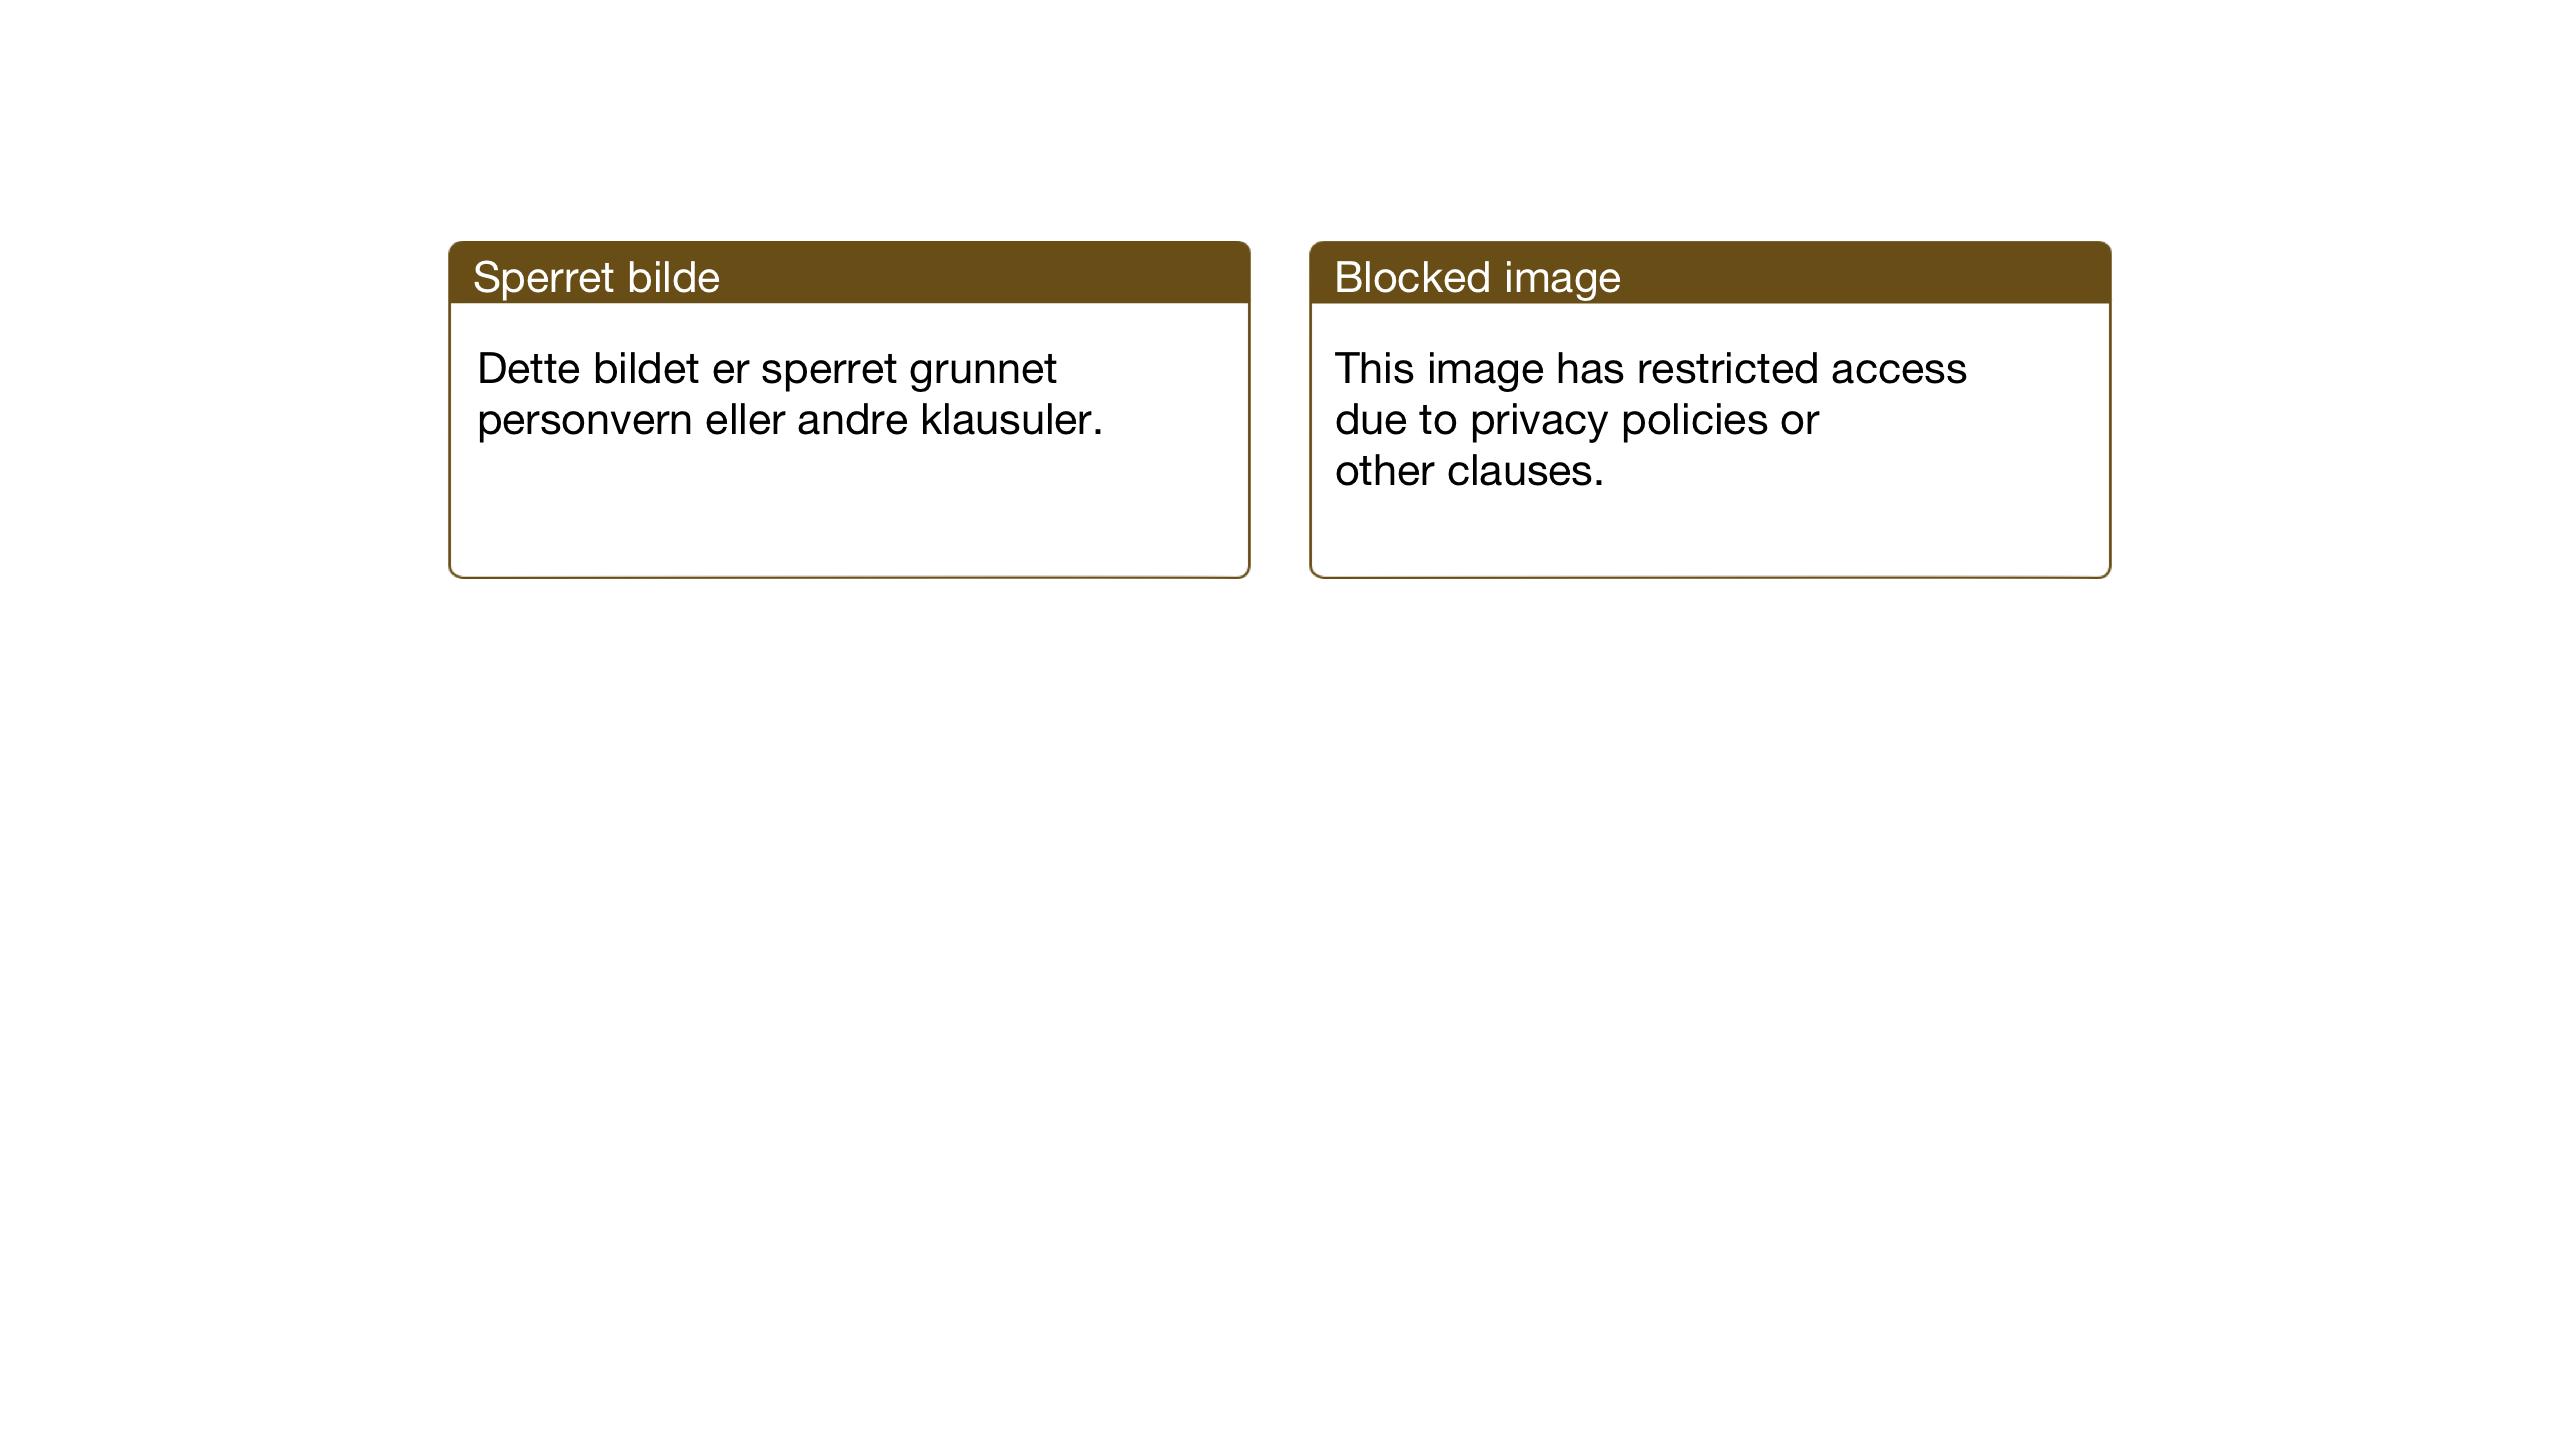 SAT, Ministerialprotokoller, klokkerbøker og fødselsregistre - Sør-Trøndelag, 655/L0690: Klokkerbok nr. 655C06, 1937-1950, s. 67